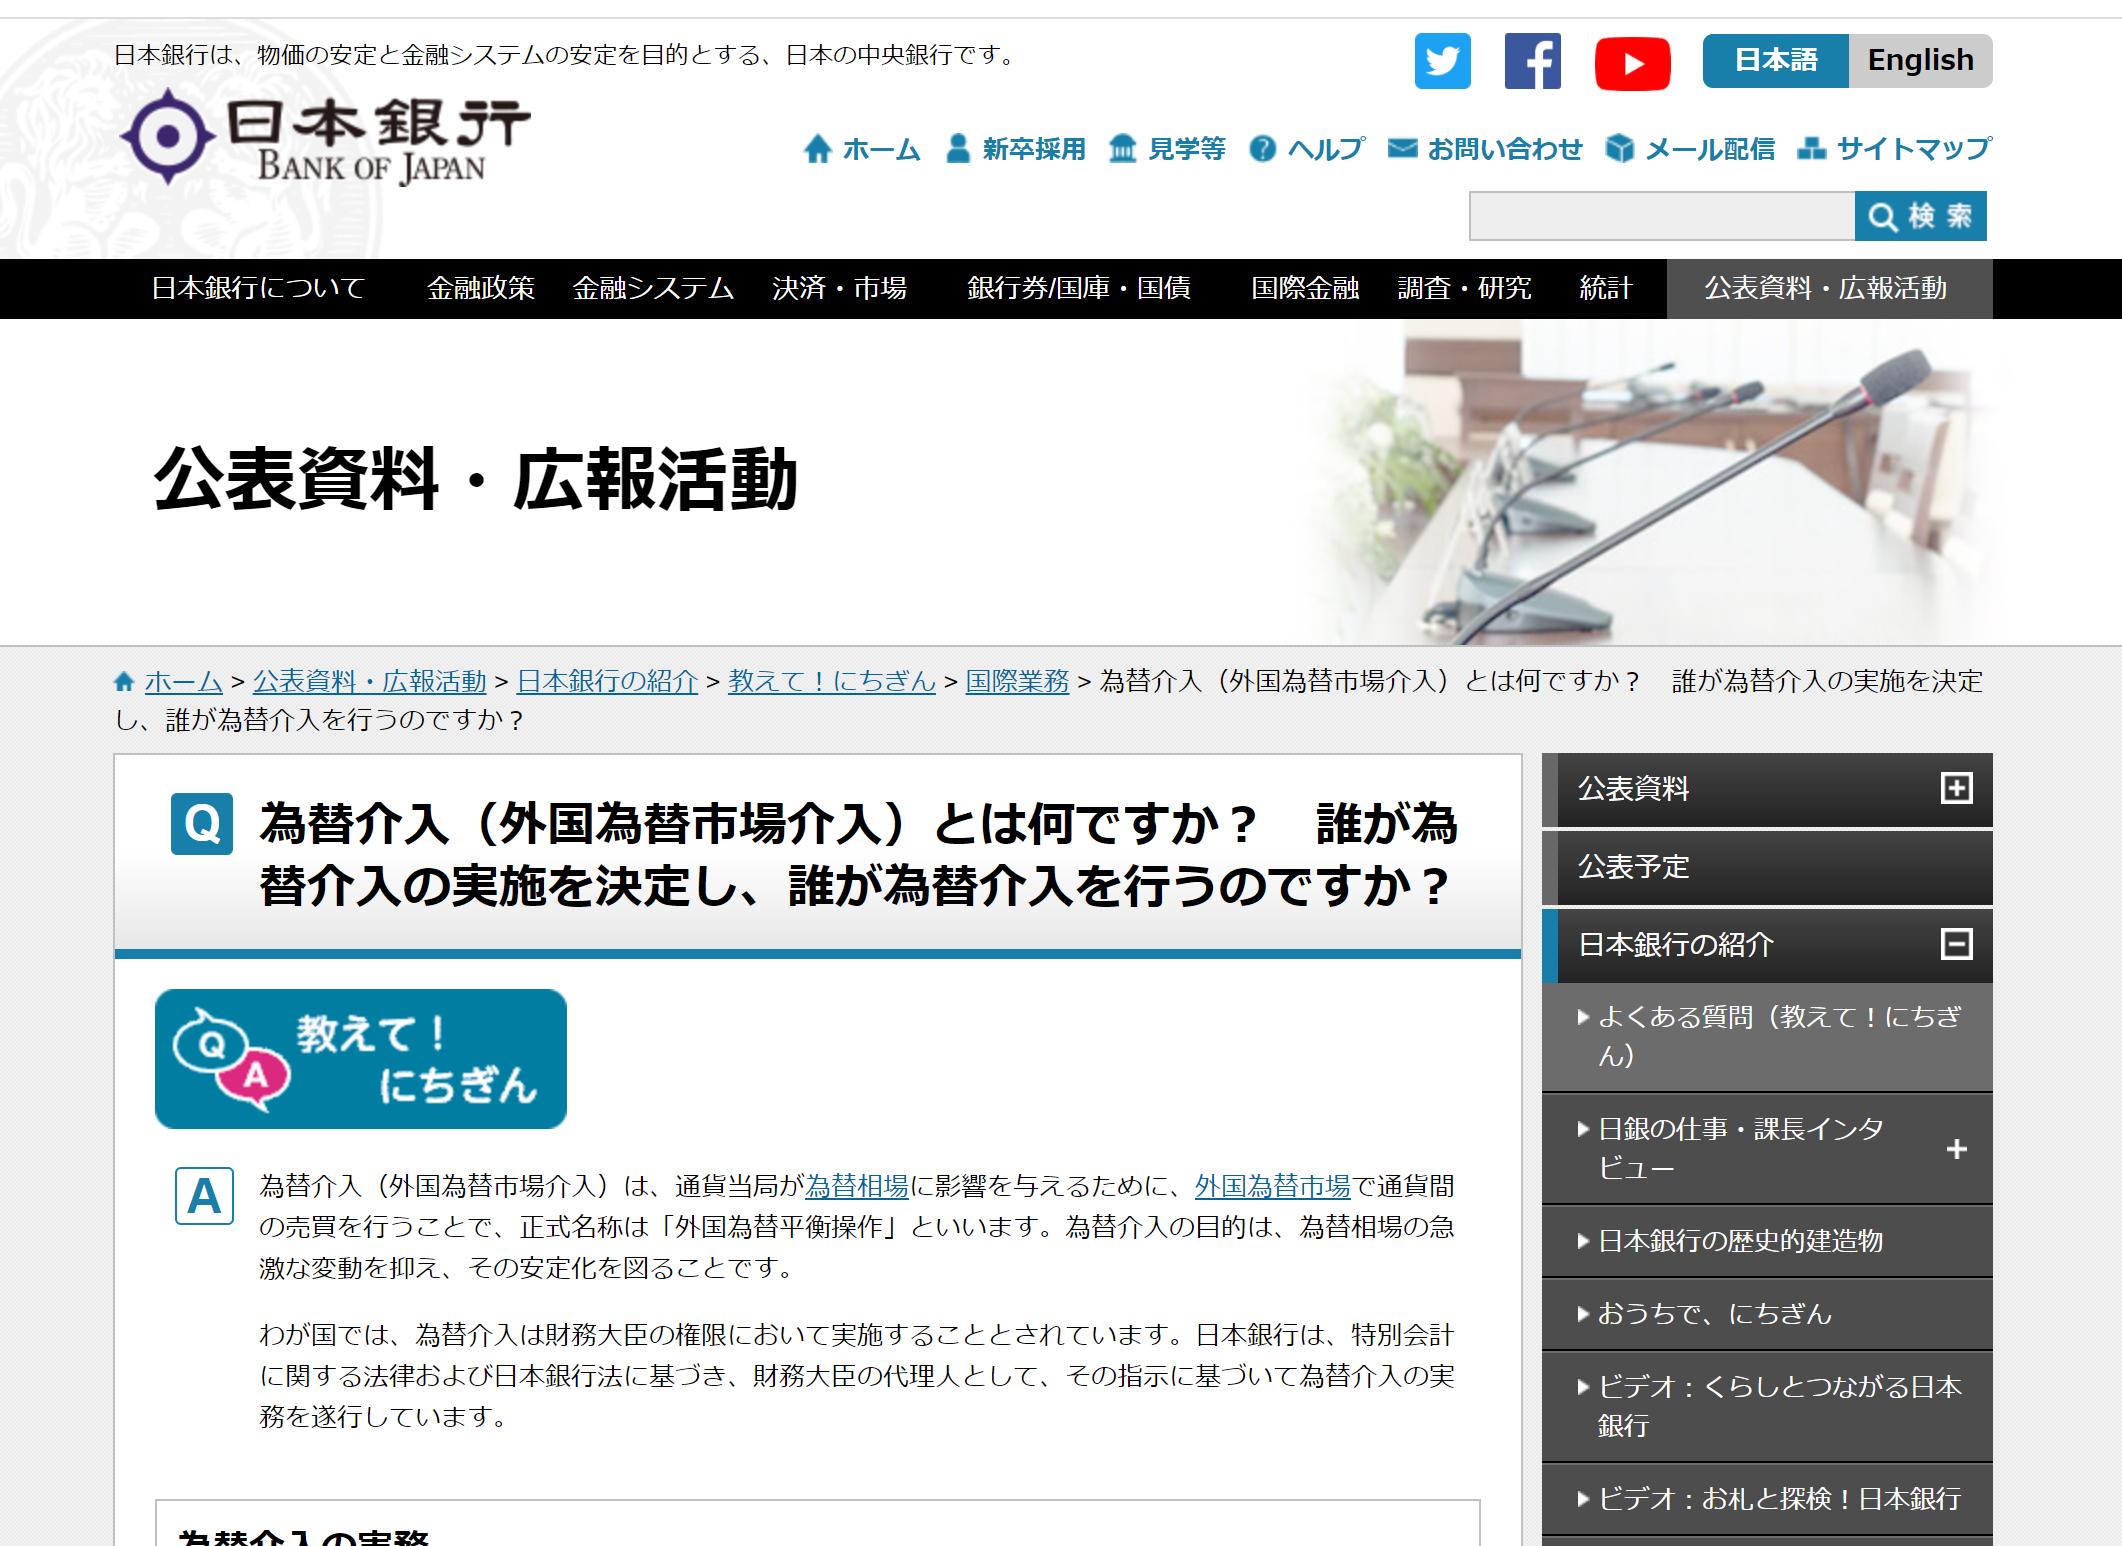 為替介入(外国為替市場介入)とは何ですか? 誰が為替介入の実施を決定し、誰が為替介入を行うのですか? _ 日本銀行 Bank of Japan - Google Chrome 2020_09_18 15_40_49.png